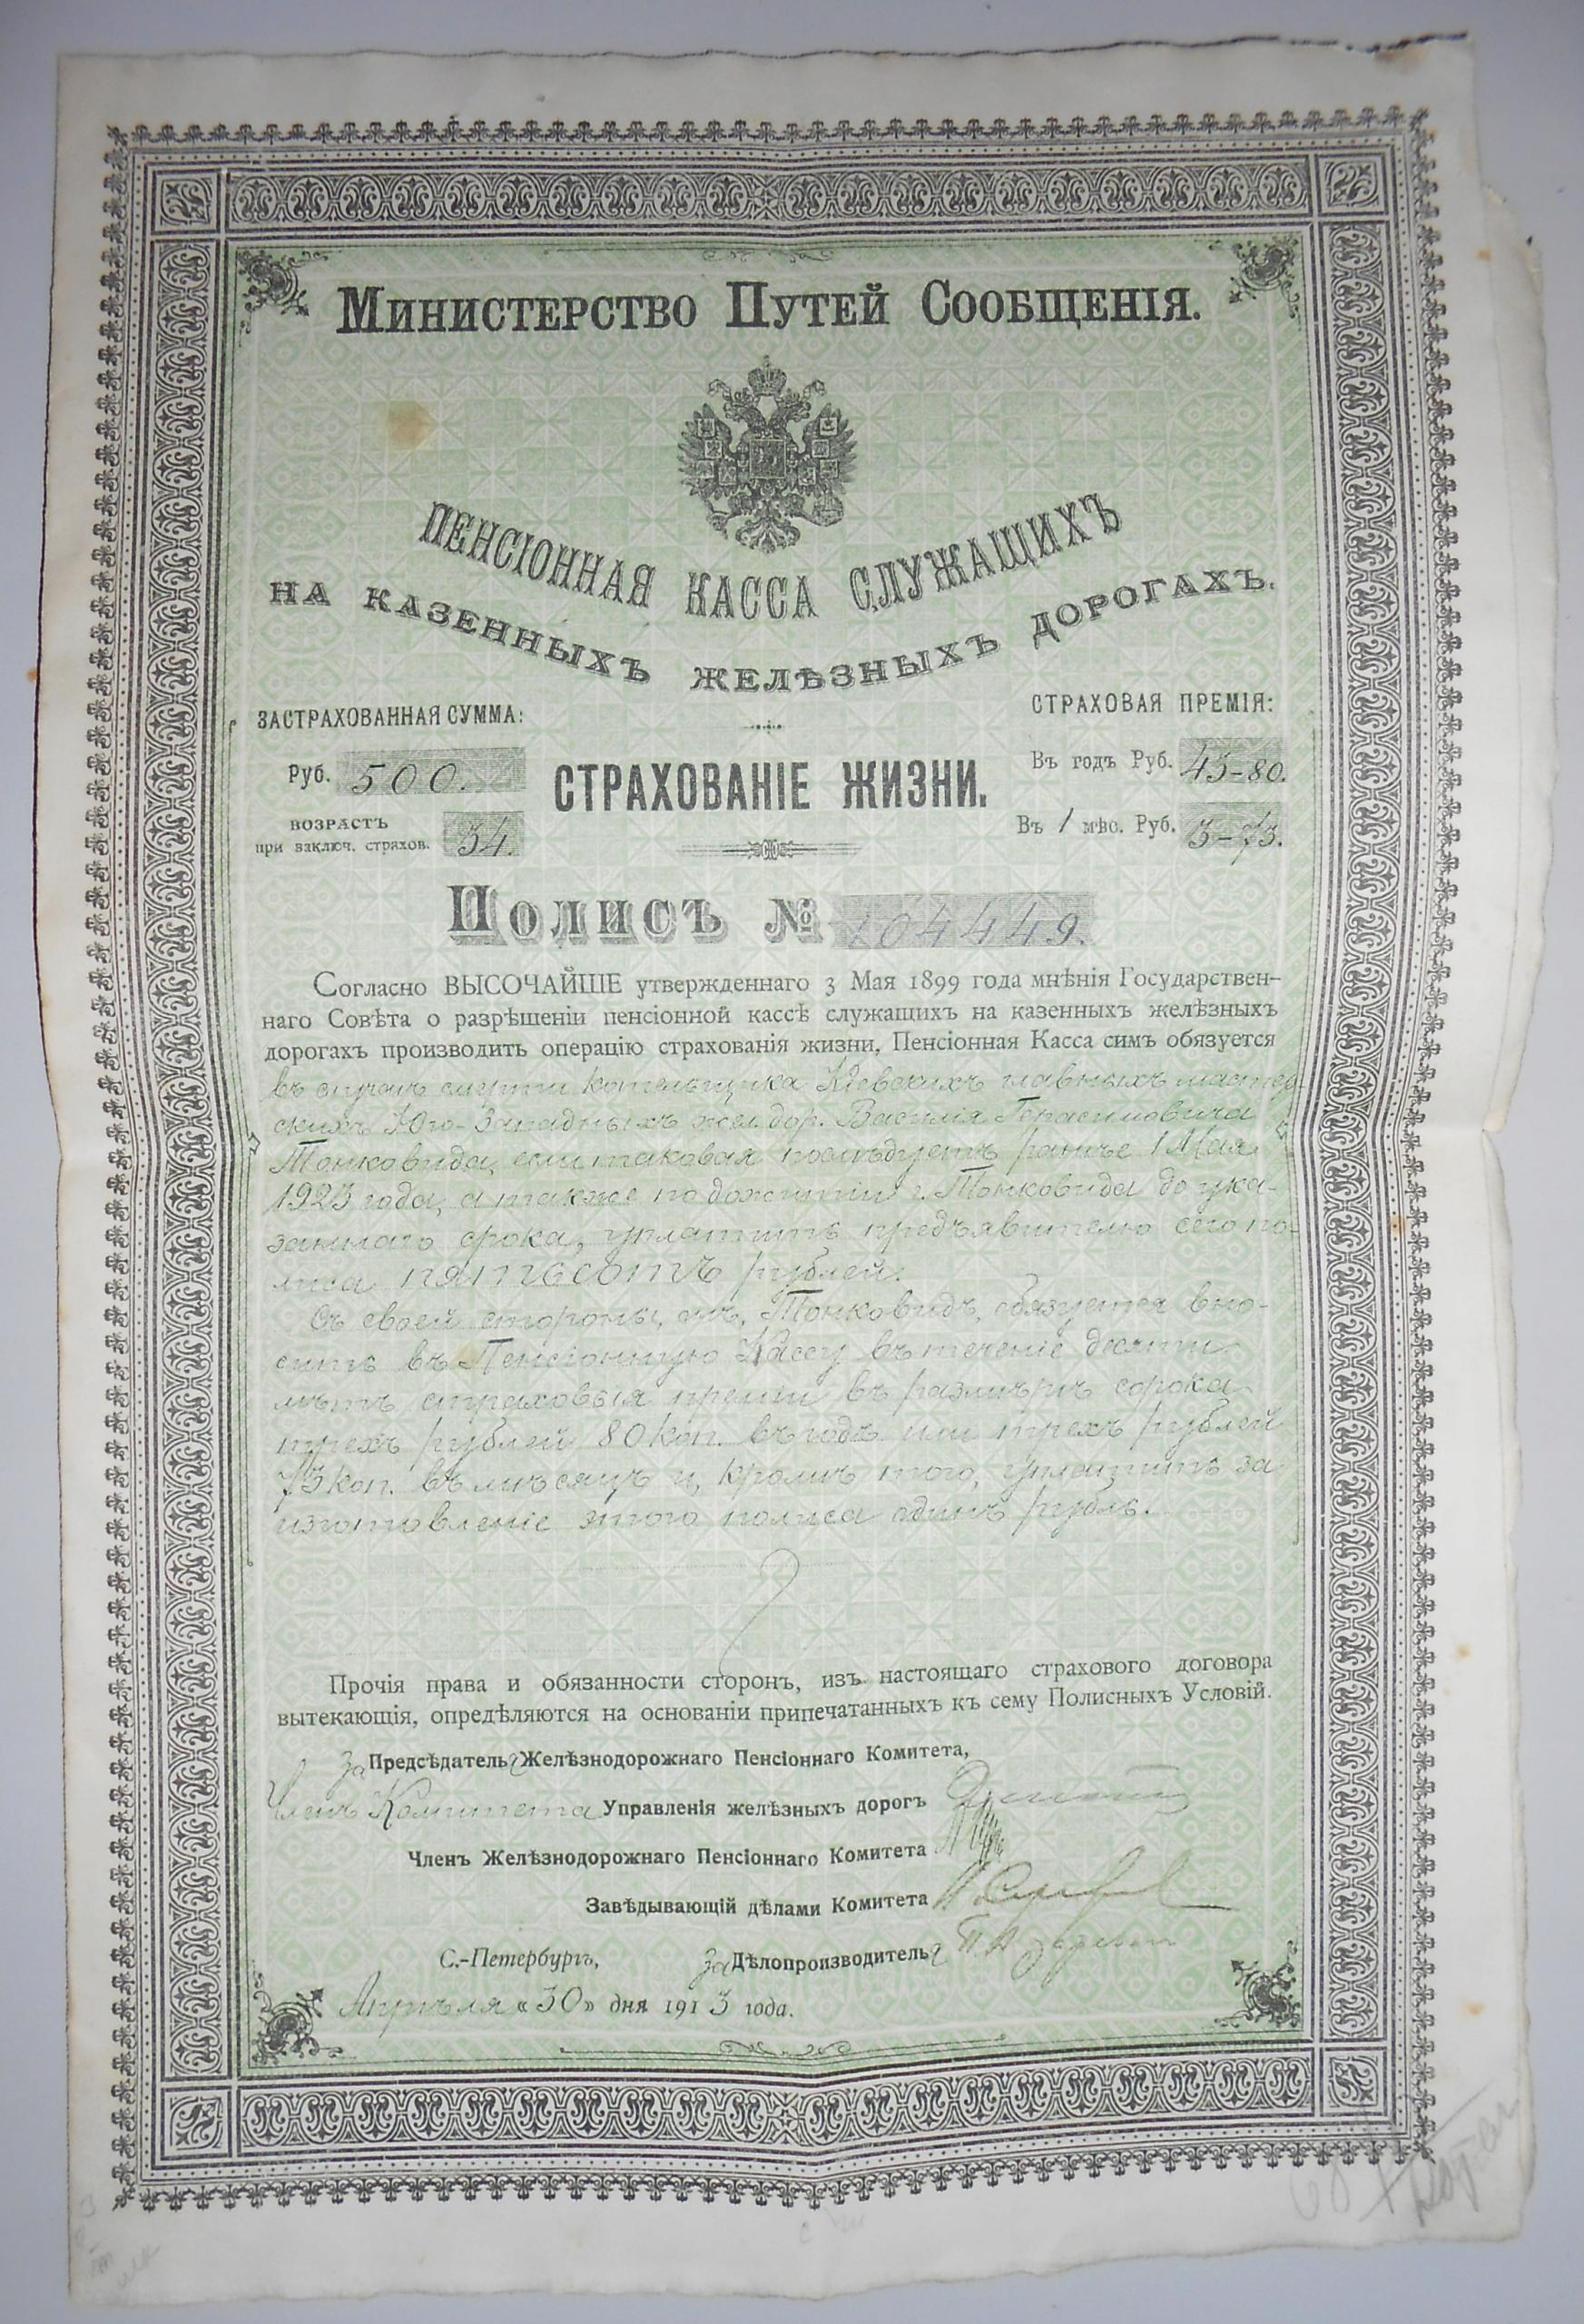 POLISA ŻYCIOWEGO UBEZPIECZENIA KOLEJARZY 1913